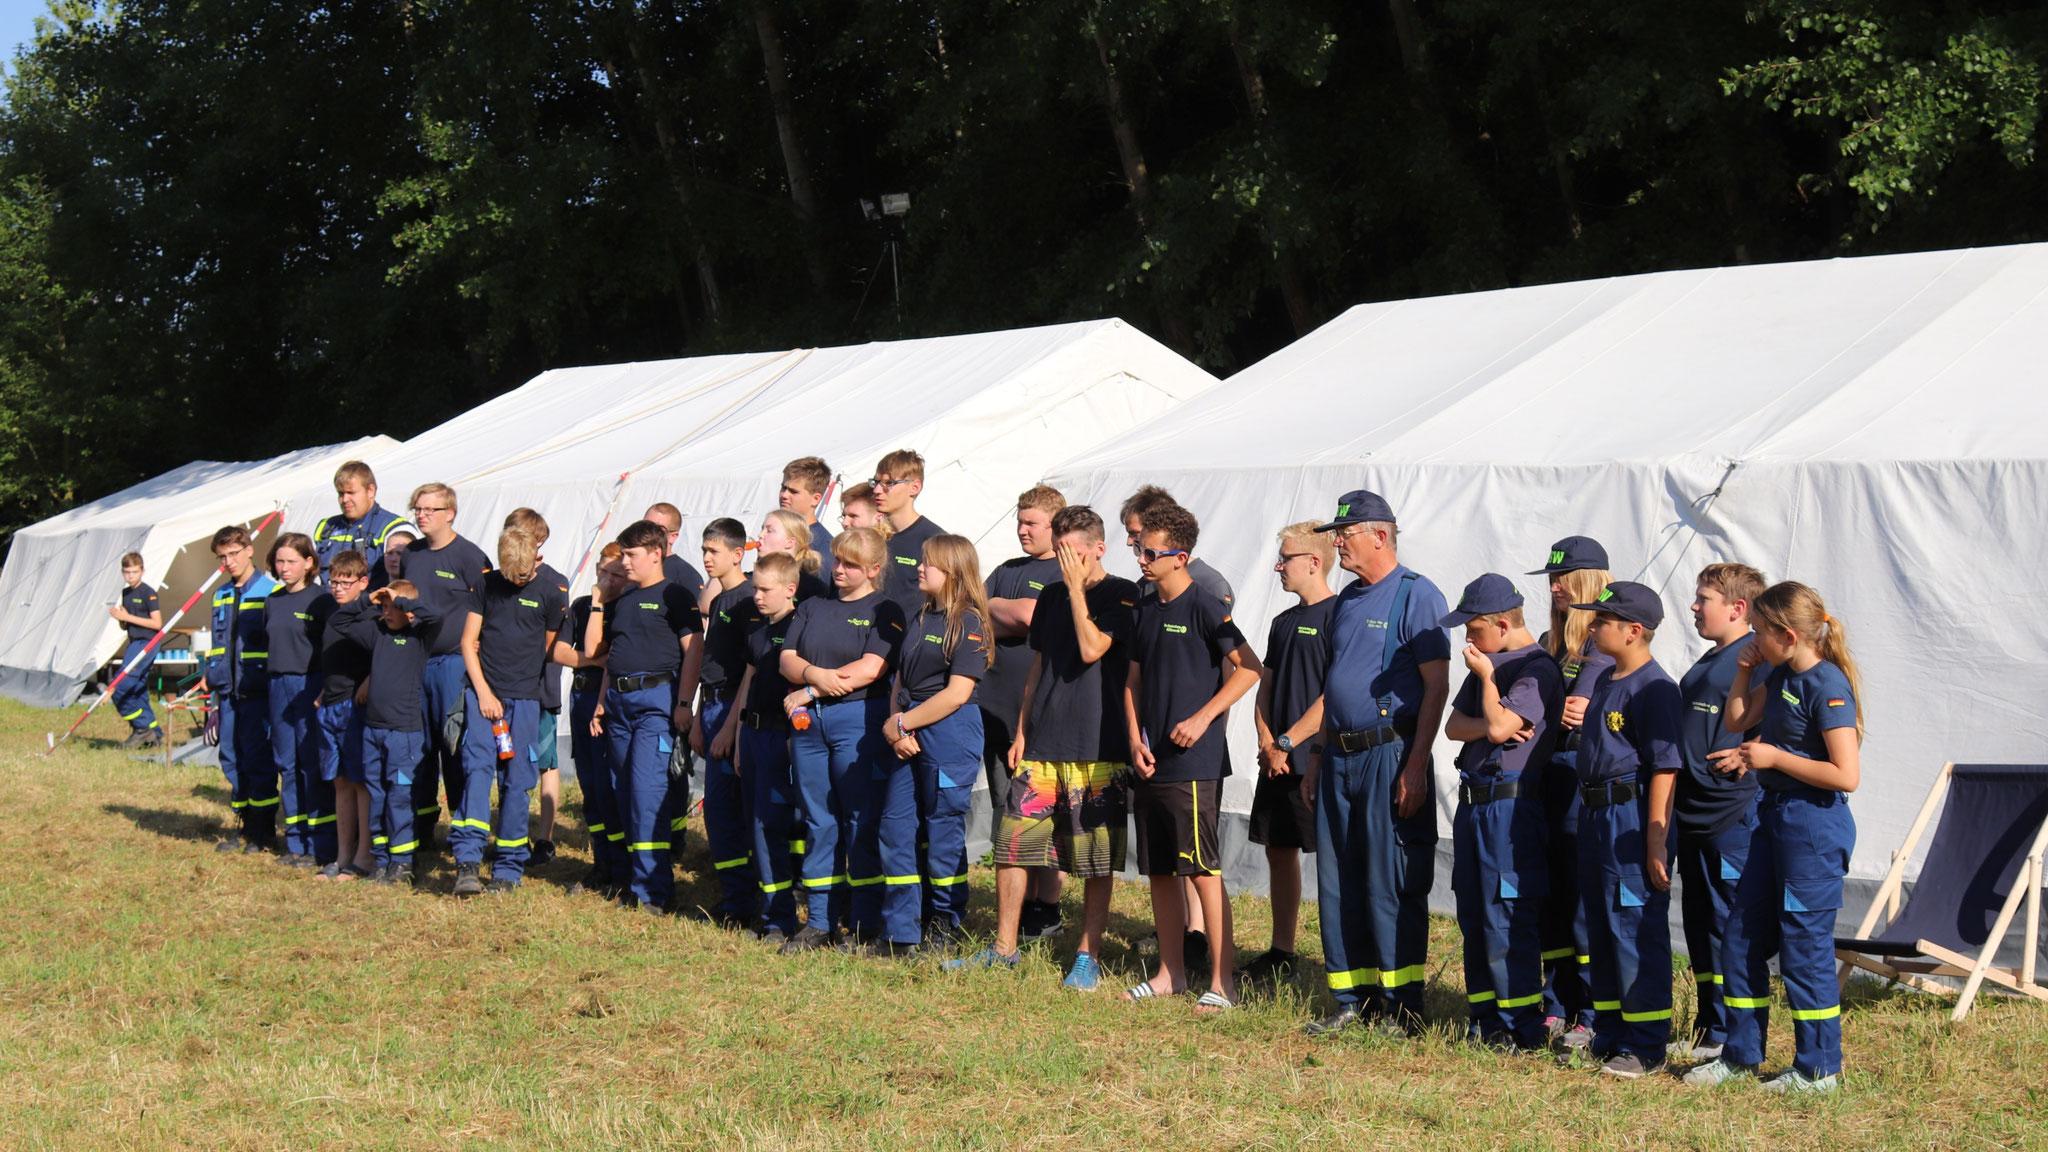 Junghelfer aus fünf THW-Ortsverbänden nahmen am Jugendcamp der Regionalstelle in Seelow teil.